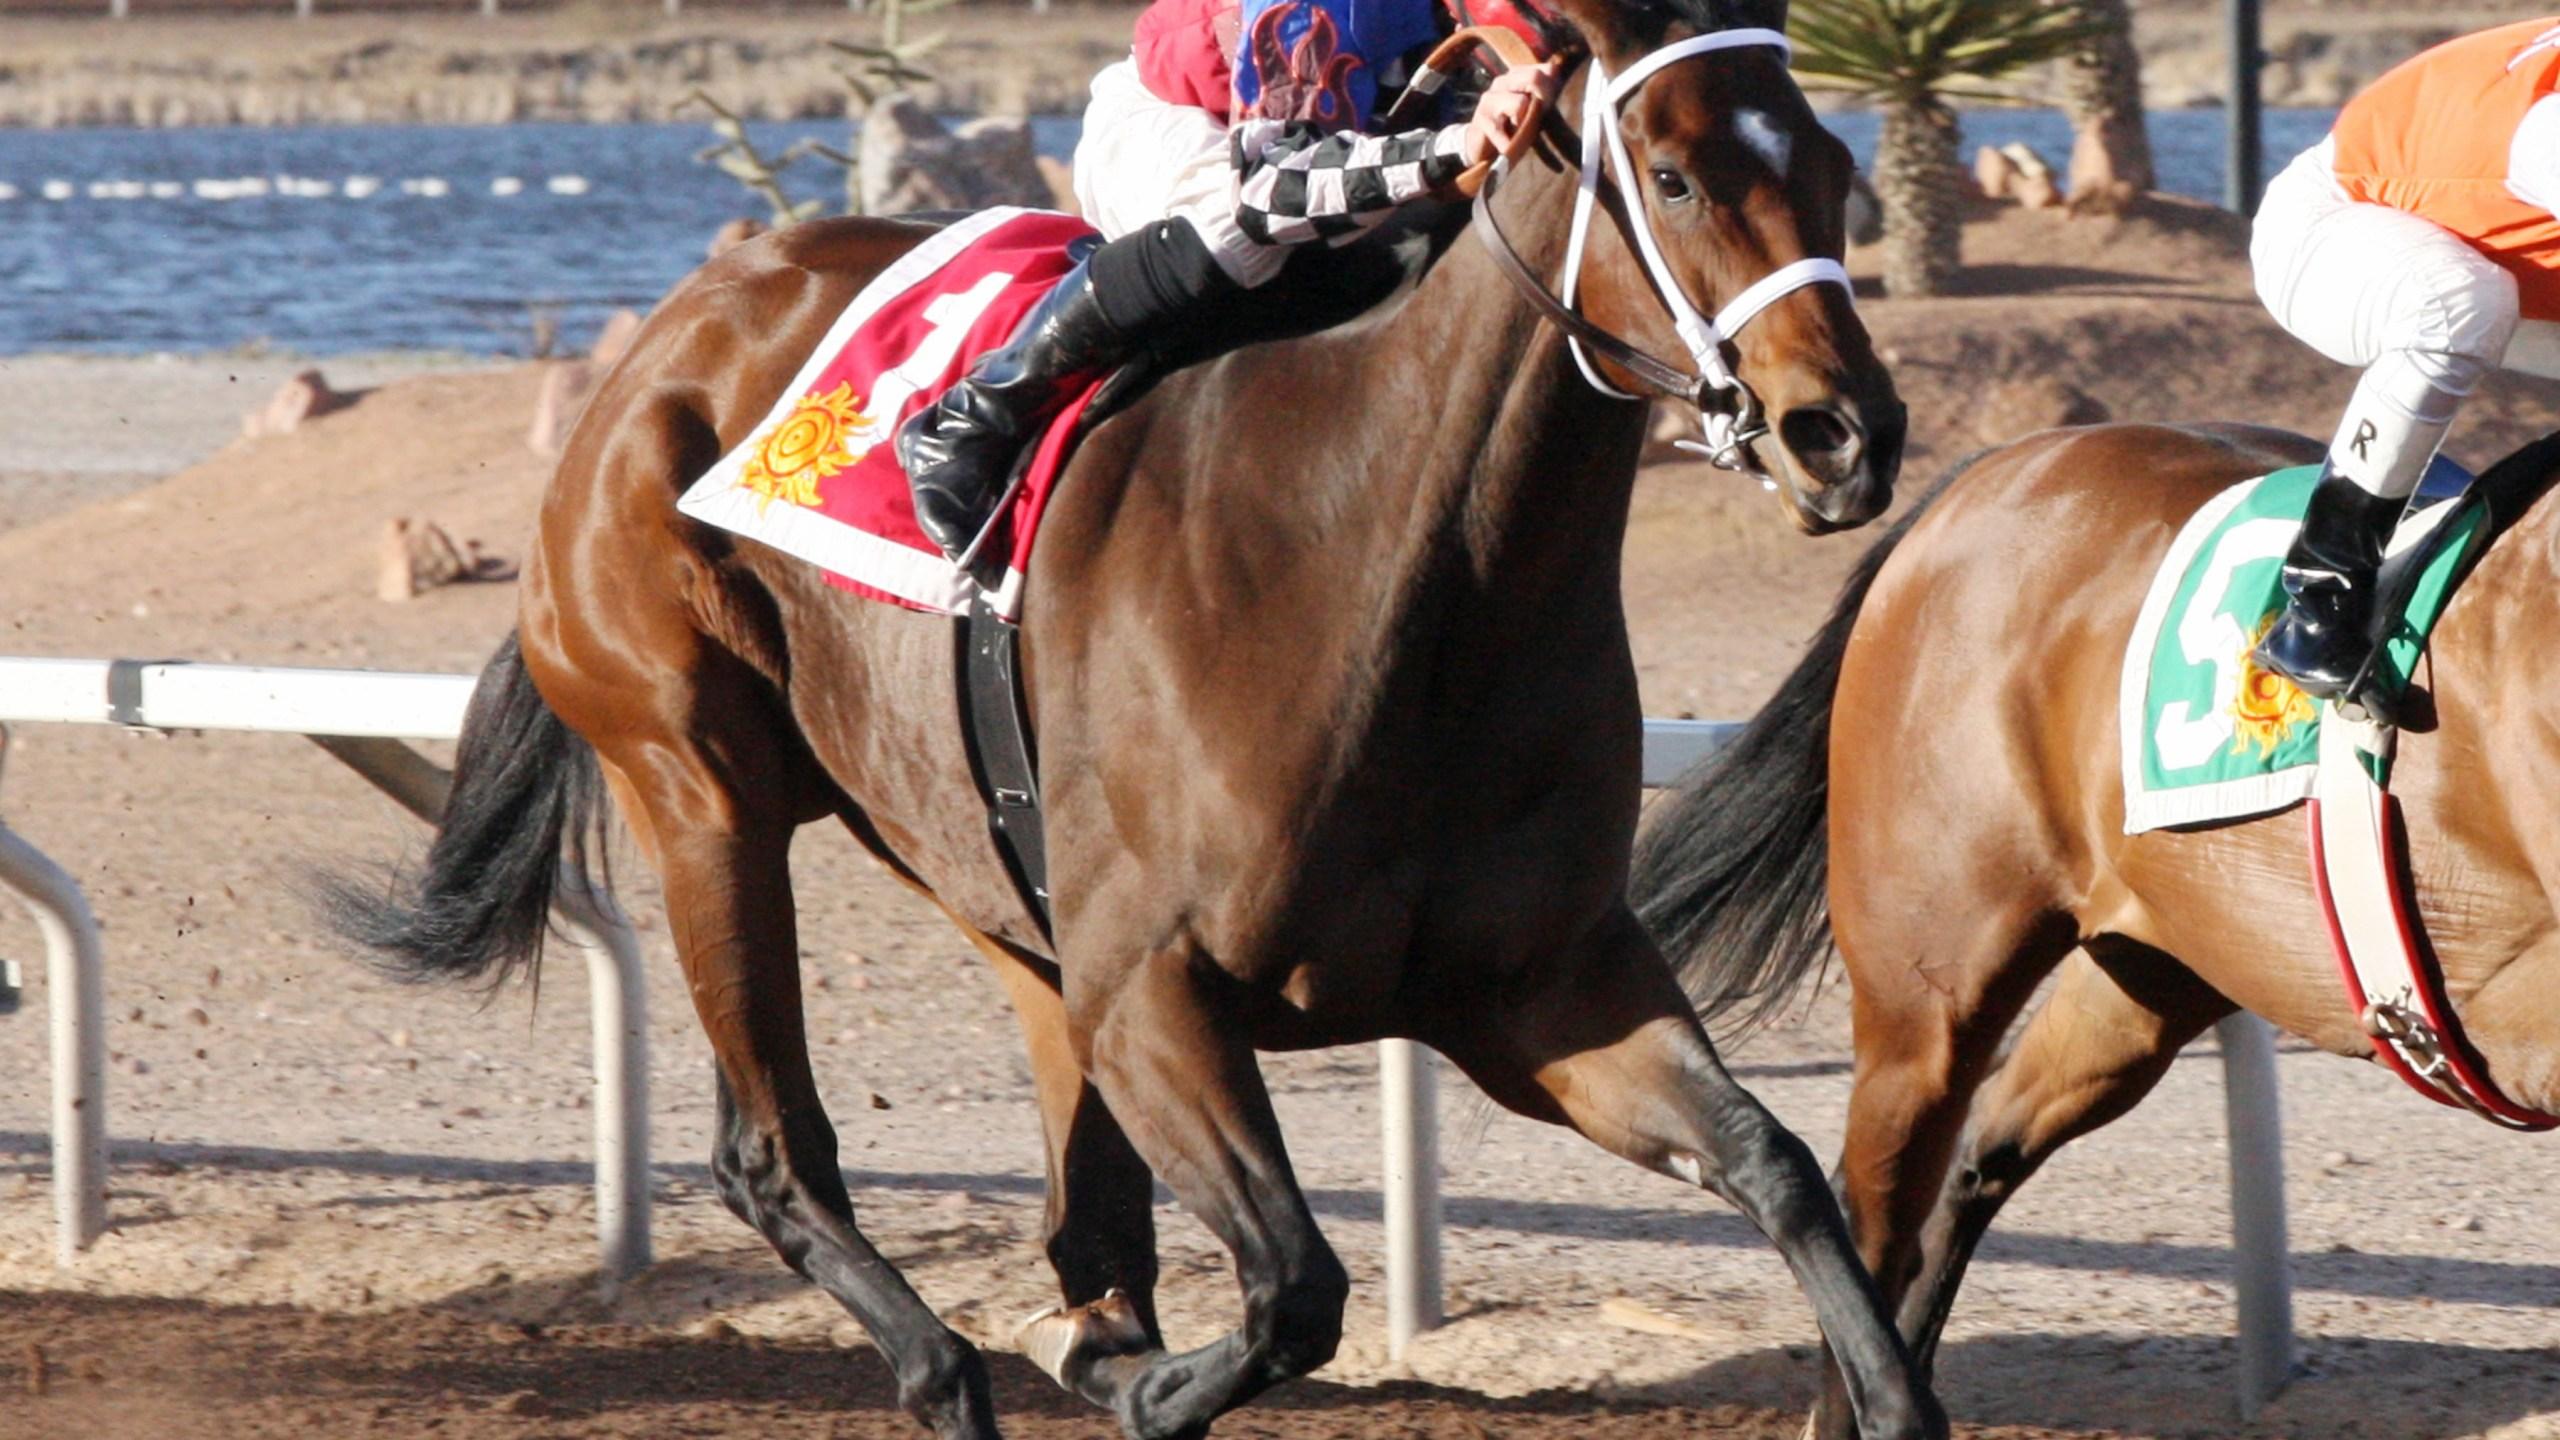 sunland park mybikinifelloff horse_1450657787323.jpg